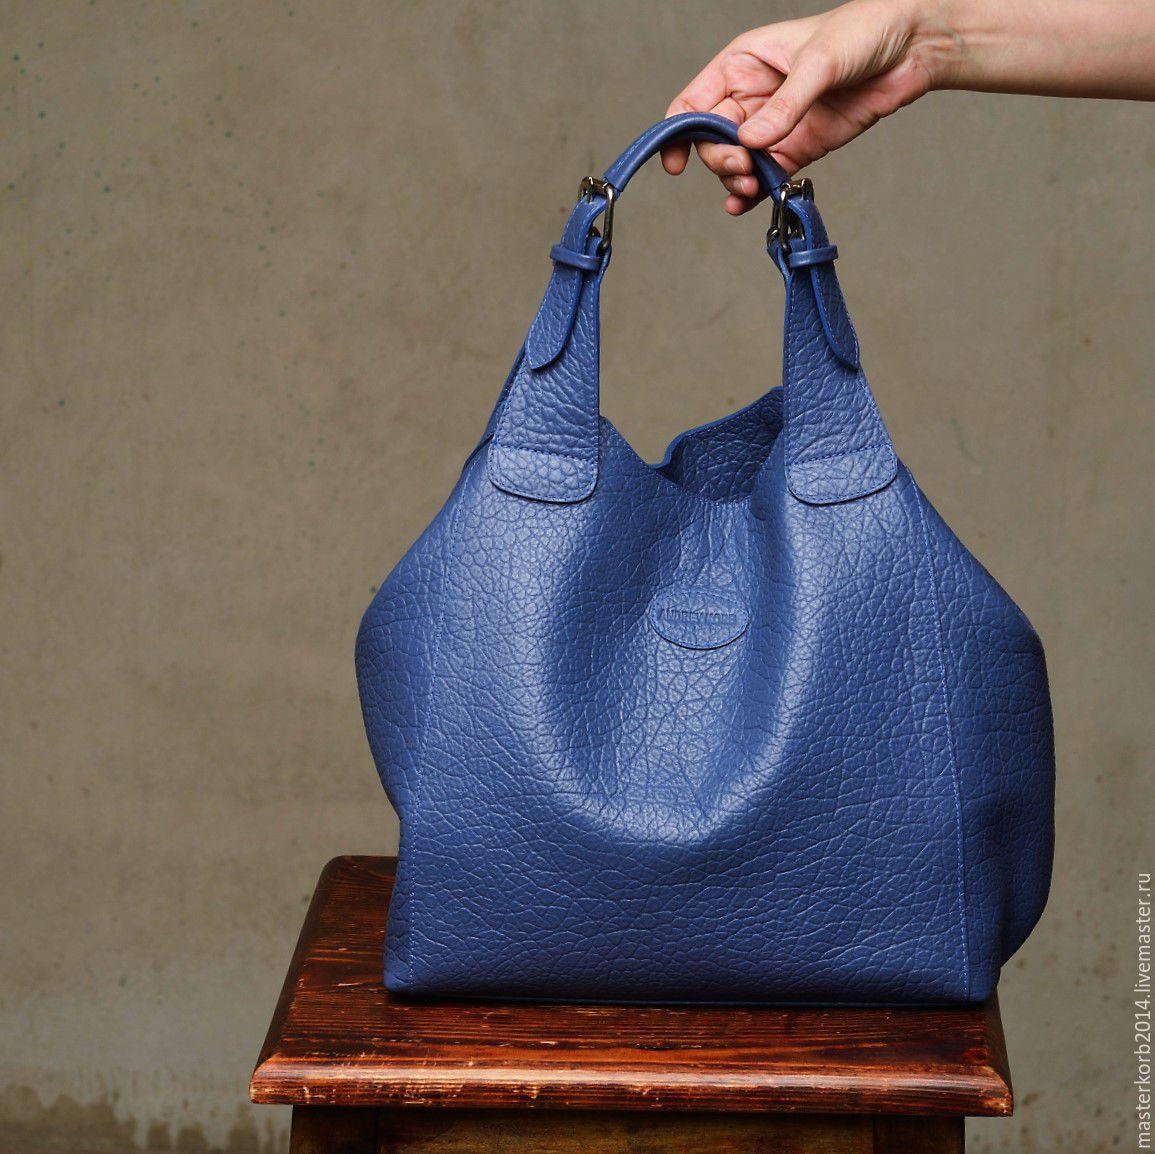 a7dd41189116 ручной работы. Ярмарка Мастеров - ручная работа. Купить Синяя сумка-мешок  кожаная женская ...